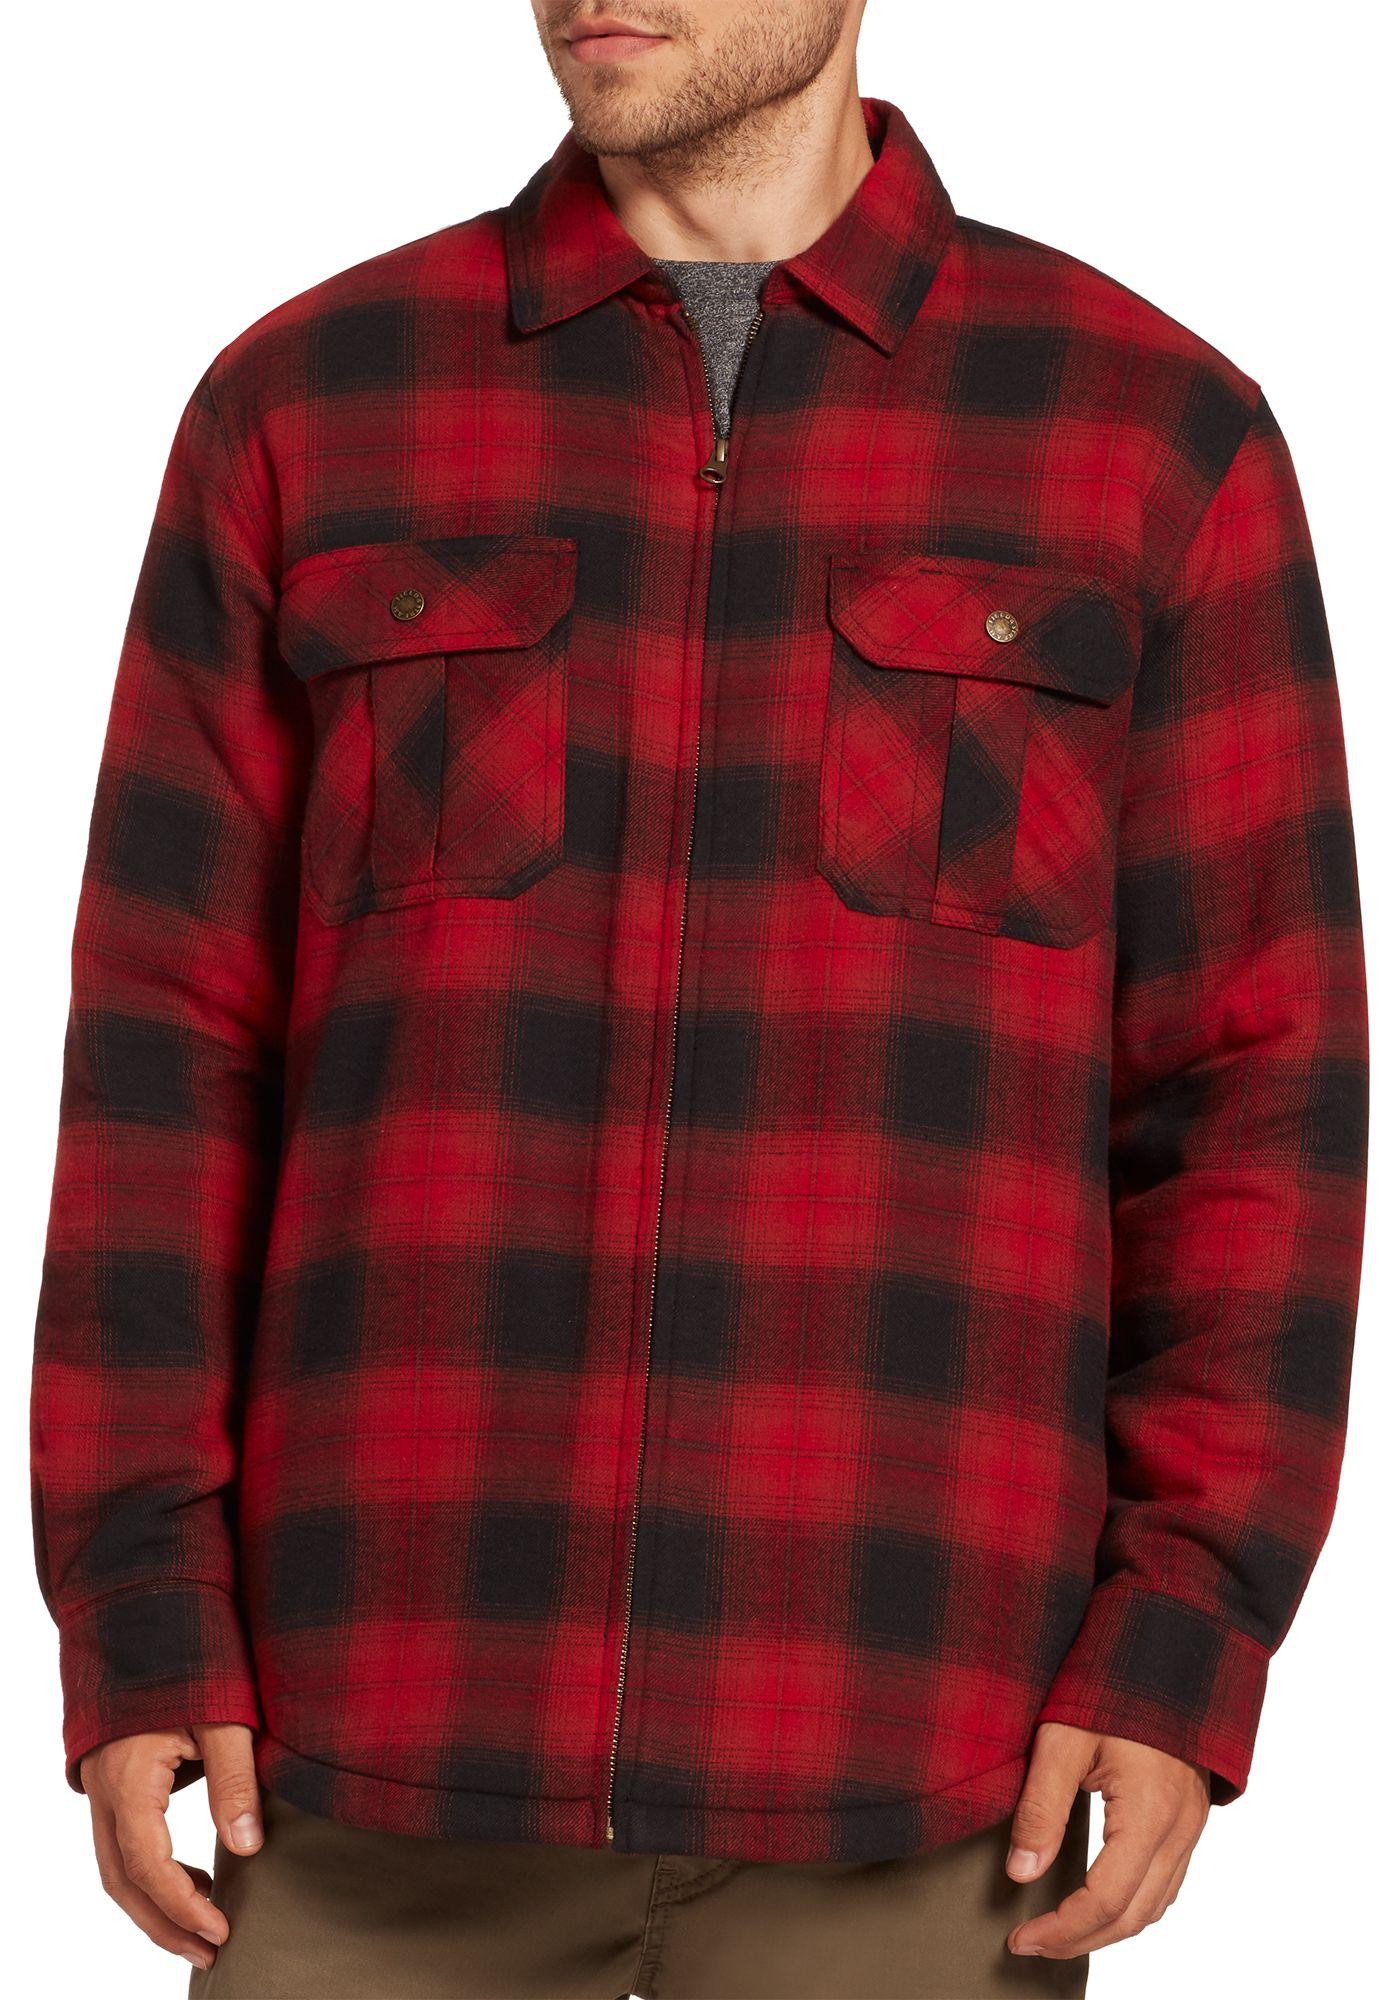 Field & Stream Men's Sherpa Lined Shirt Jacket